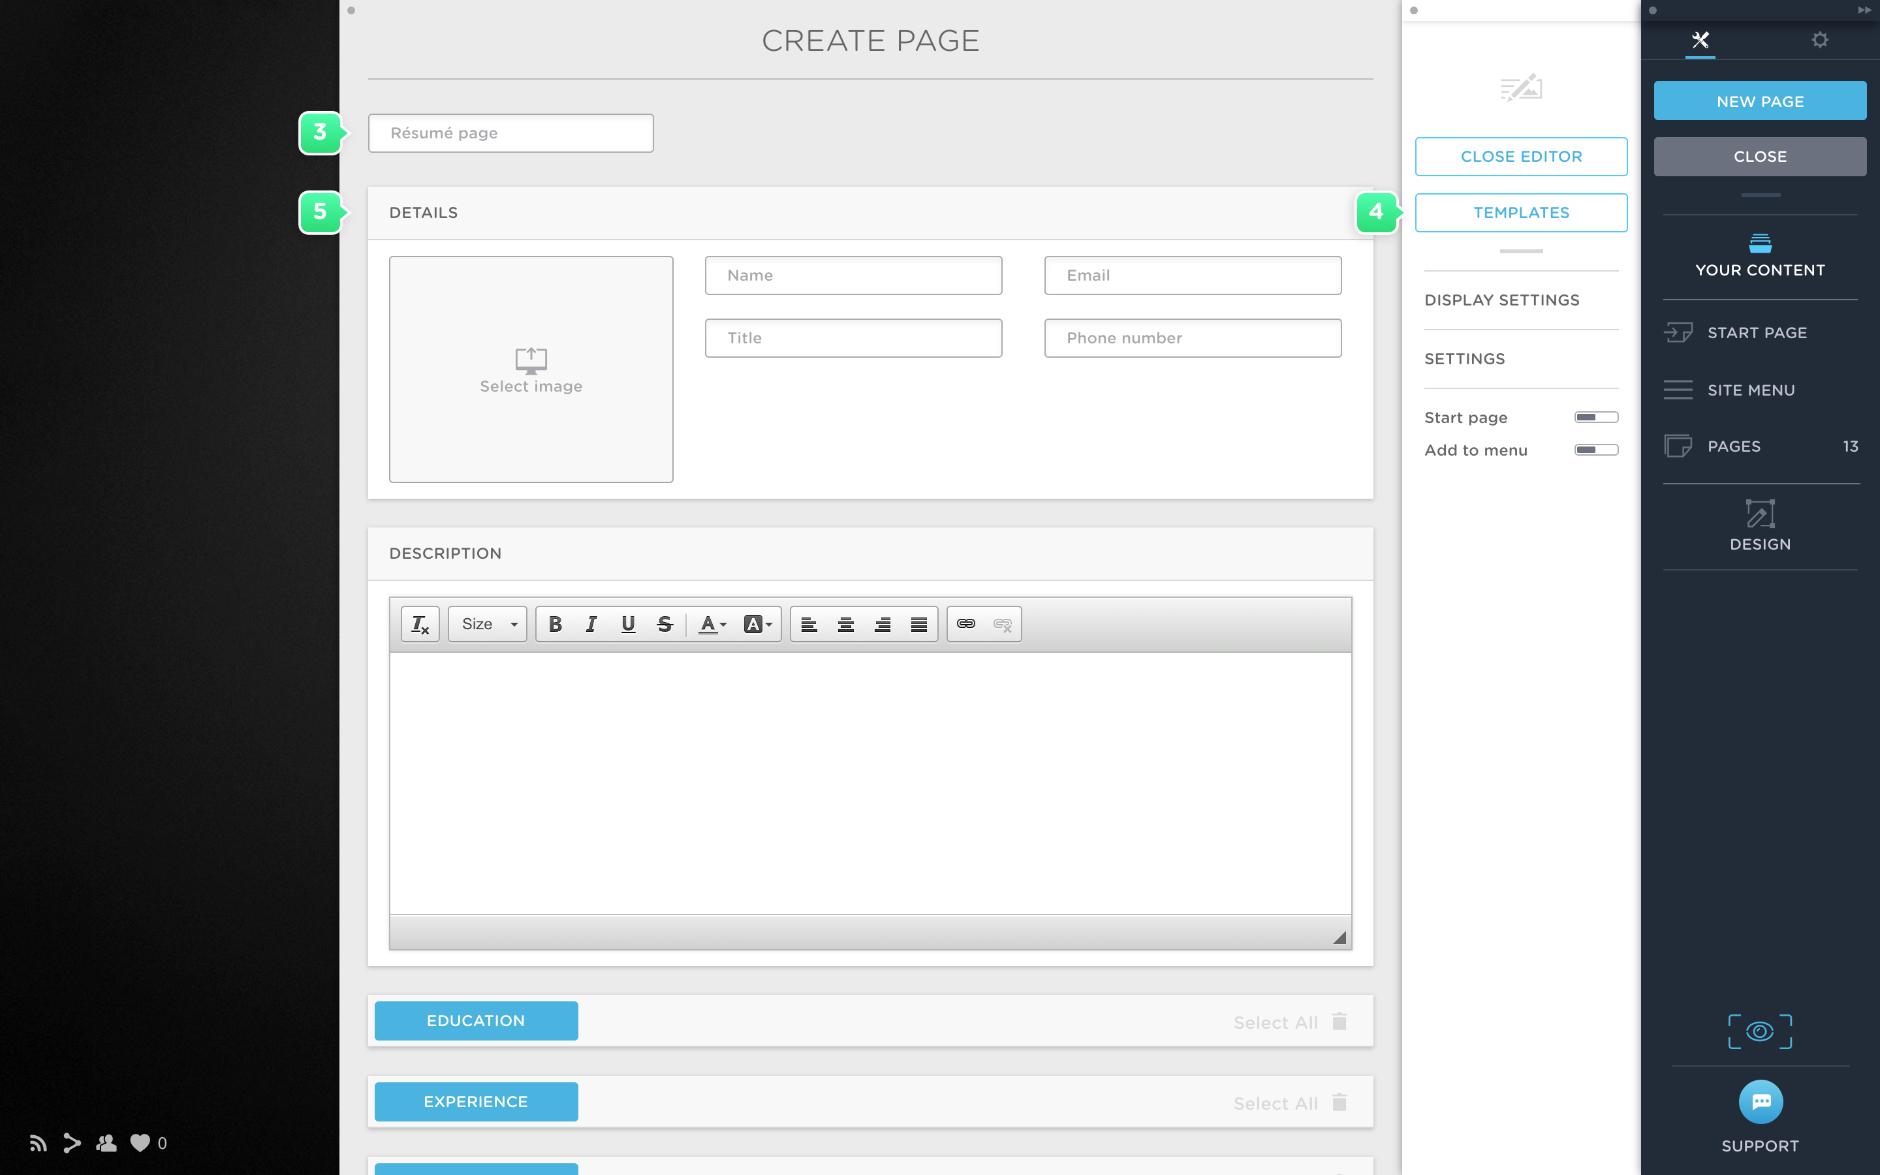 Create a résumé page in Portfoliobox